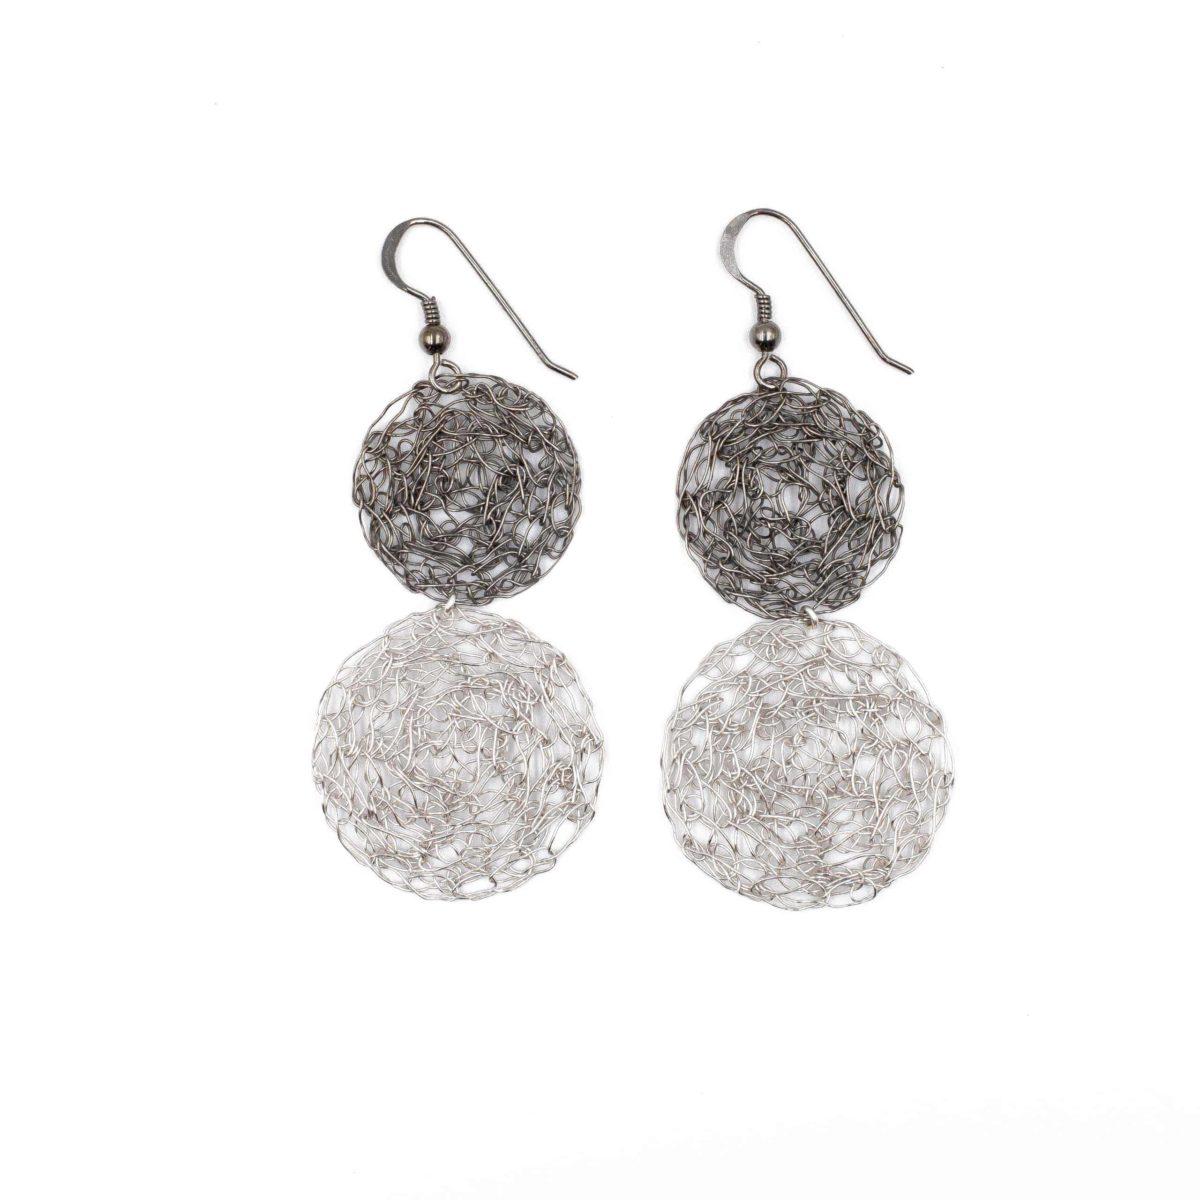 statement earrings in silver